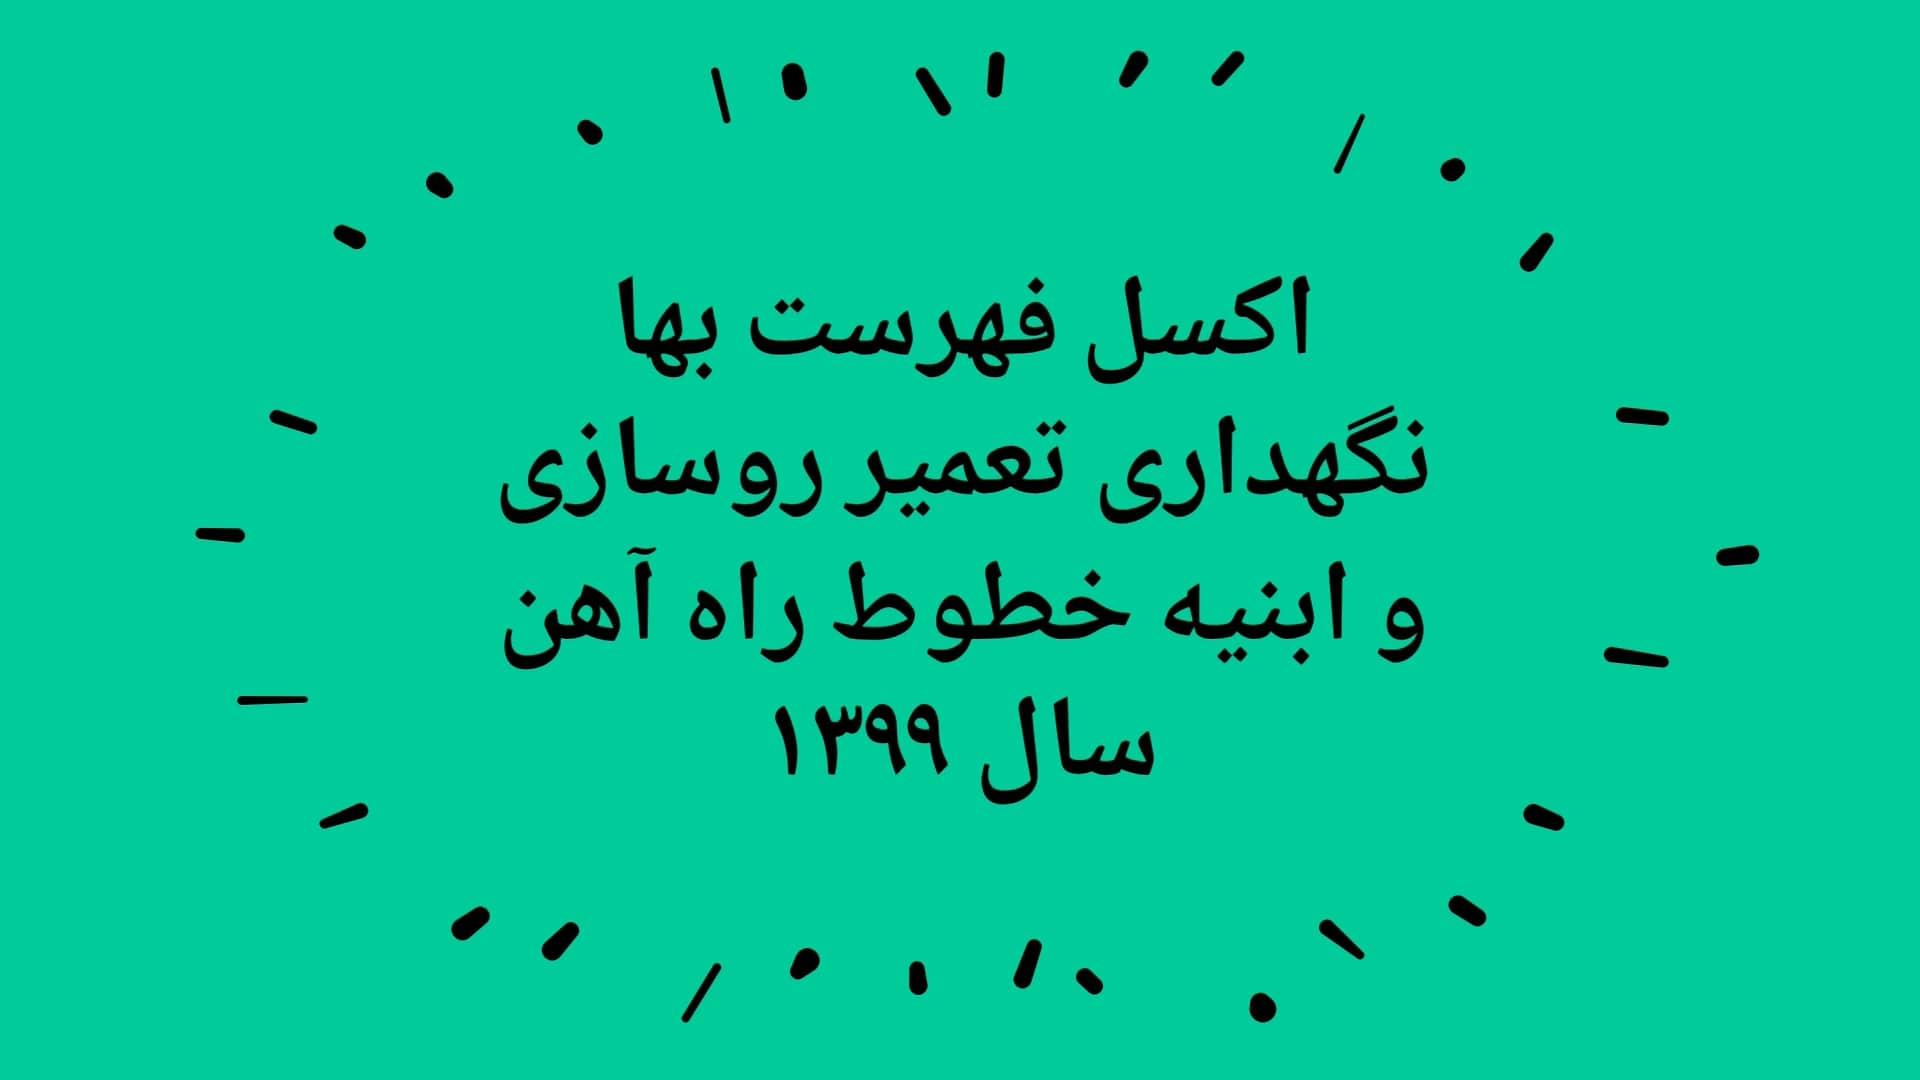 اکسل فهرست بها نگهداری تعمیر روسازی و ابنیه راه آهن سال 1399